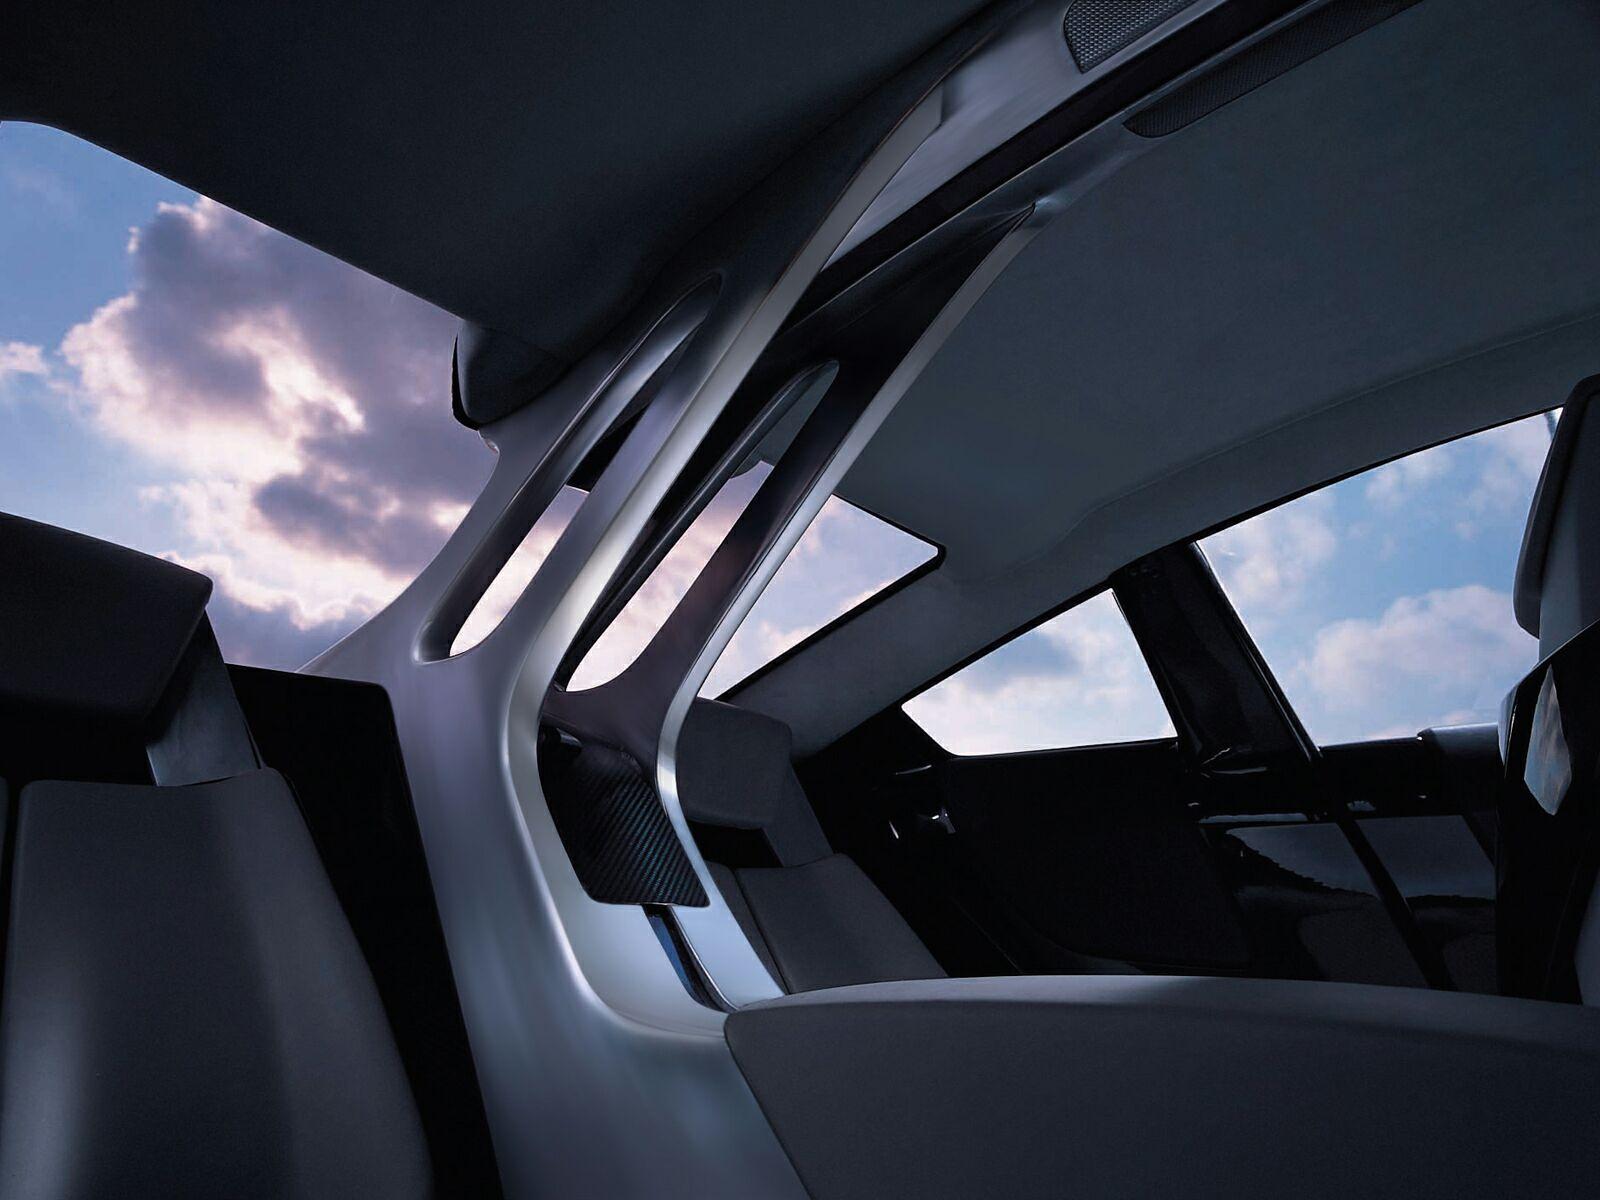 車内 壁紙 - Inside of a Car WALLPAPER